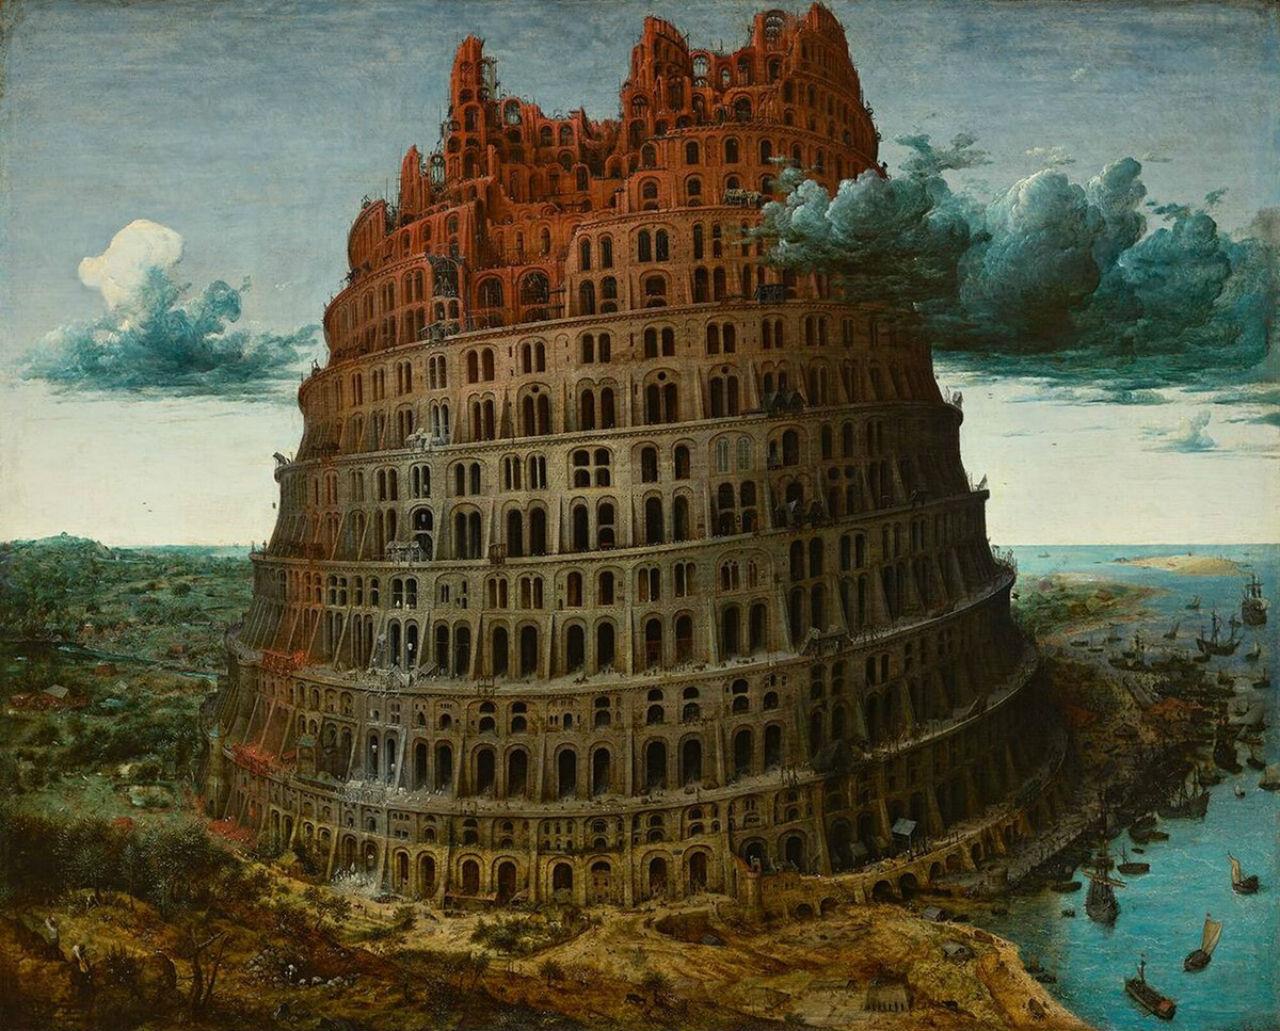 Питер Брейгель Старший - Вавилонская башня - около 1563 - Музей Бойманса — ван Бёнингена - Роттердам.jpg